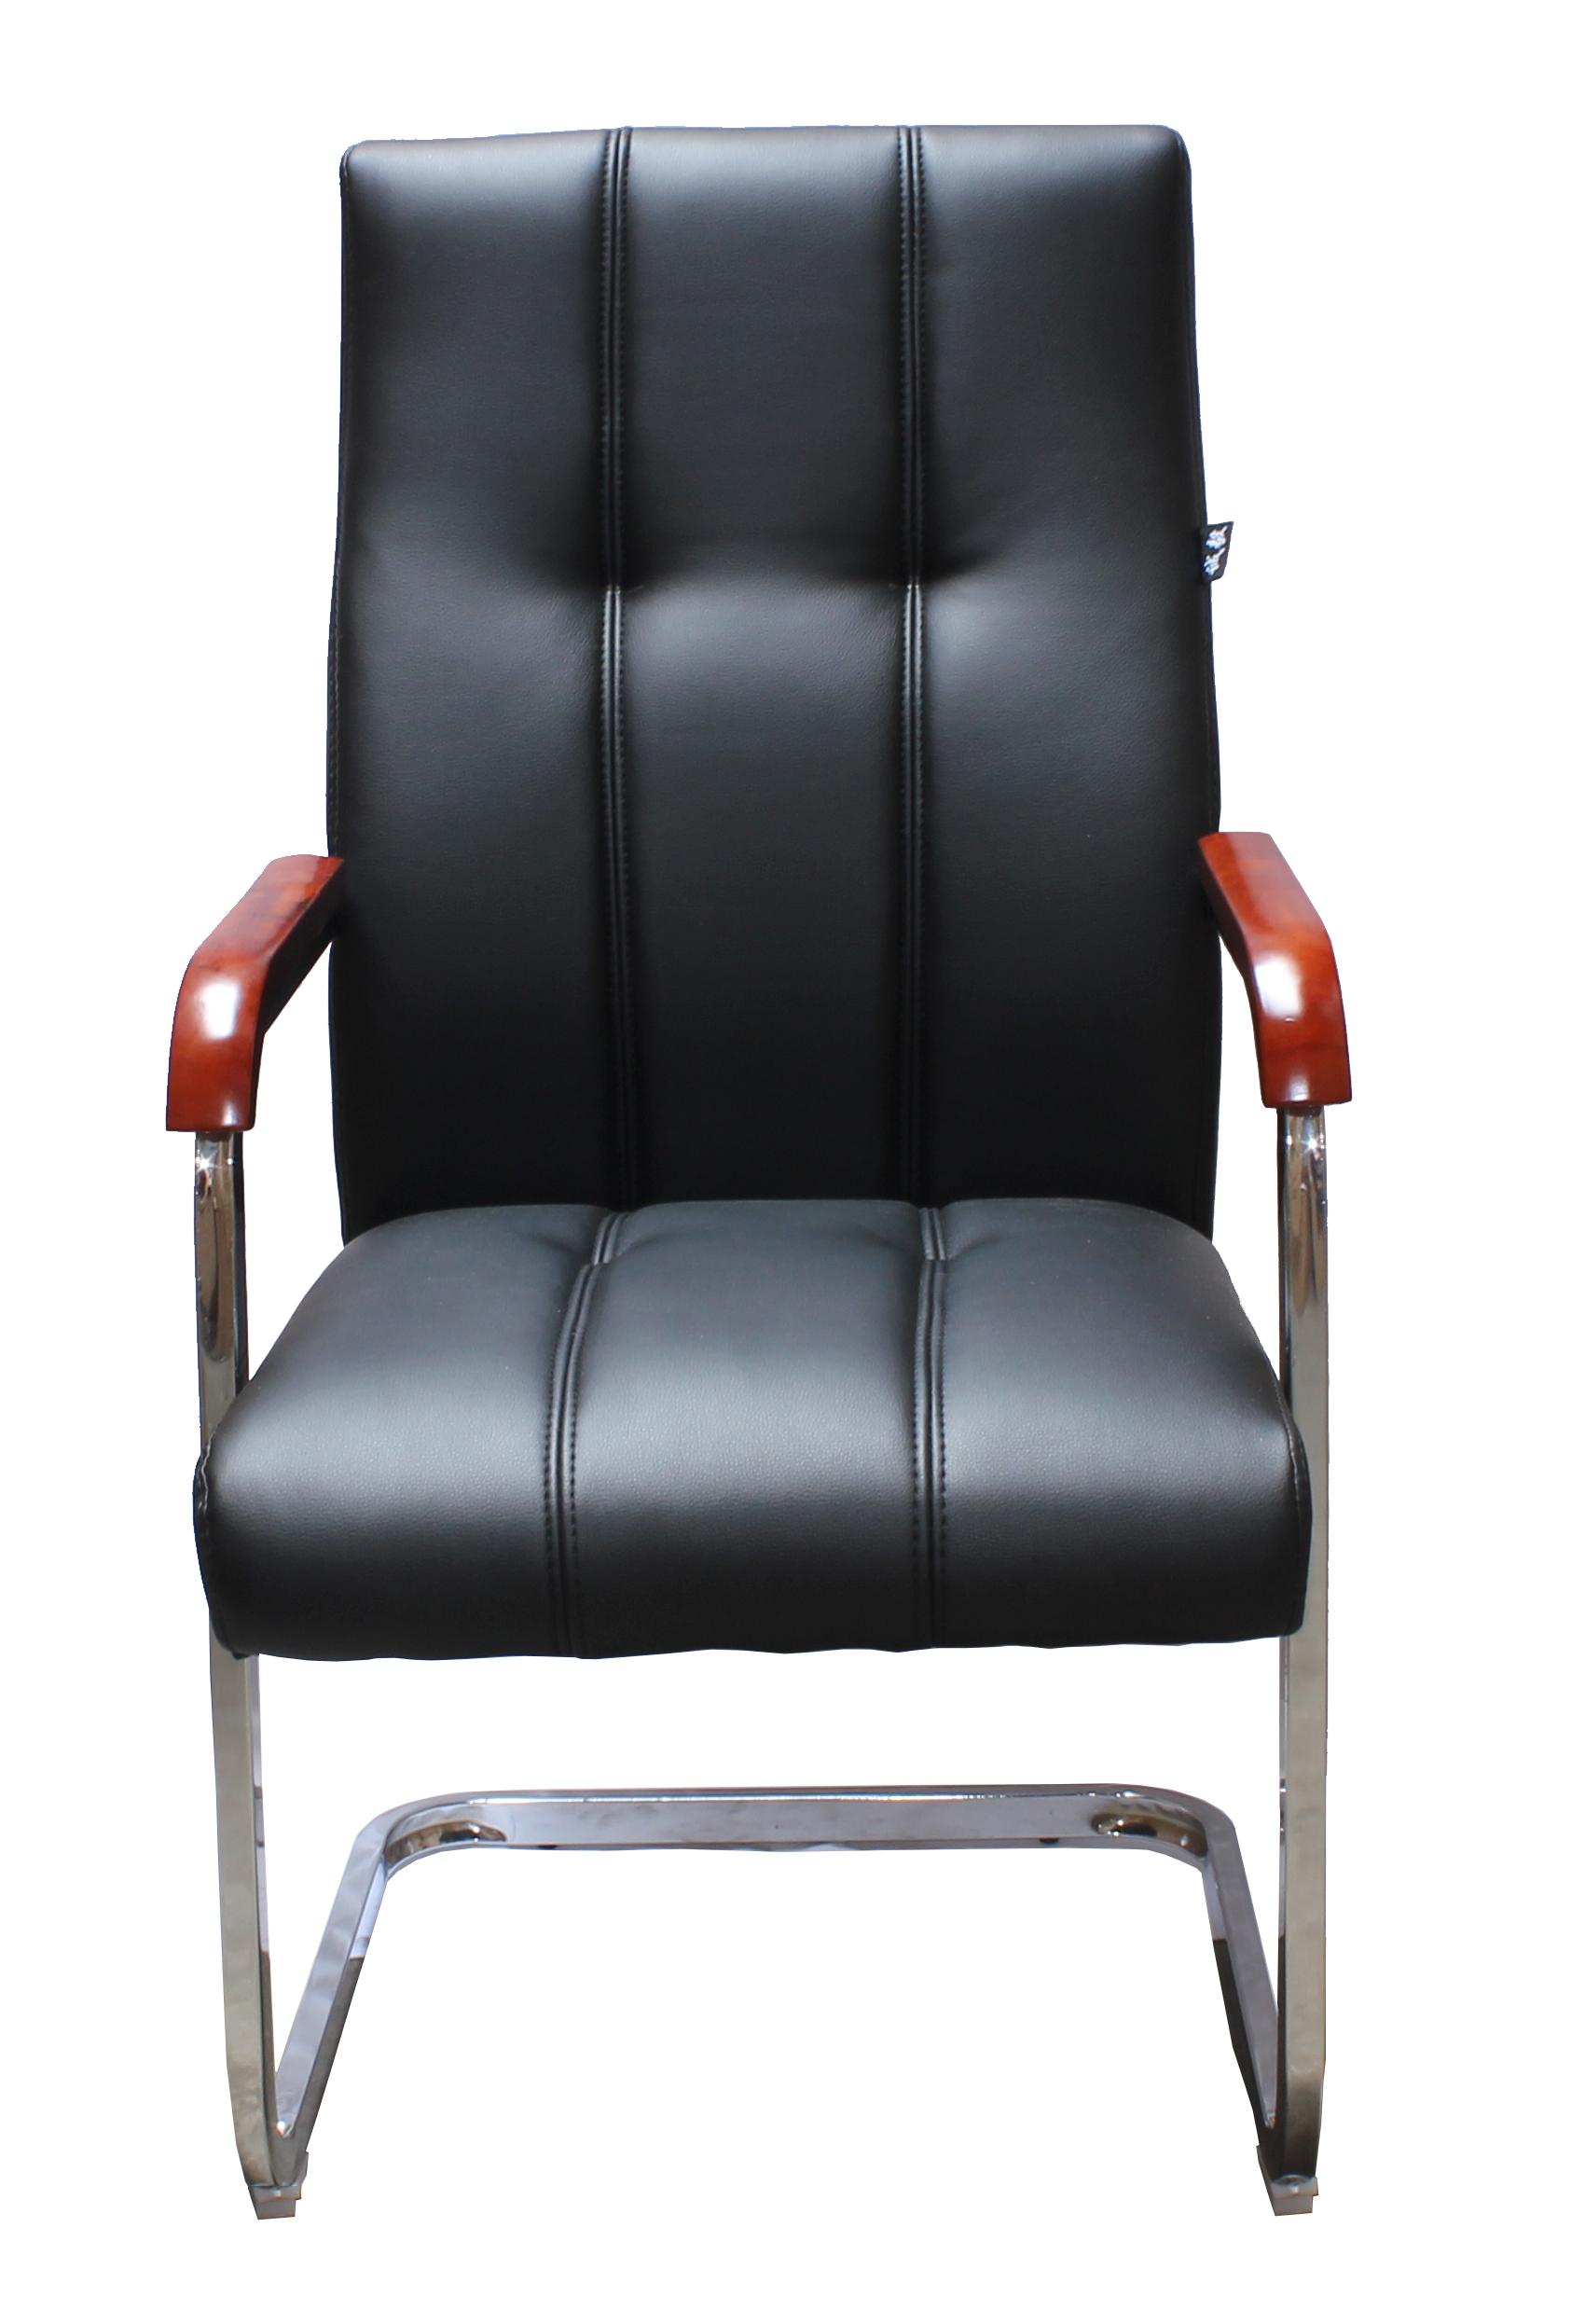 Ghế phòng họp cao cấp nhập khẩu TG 7010T